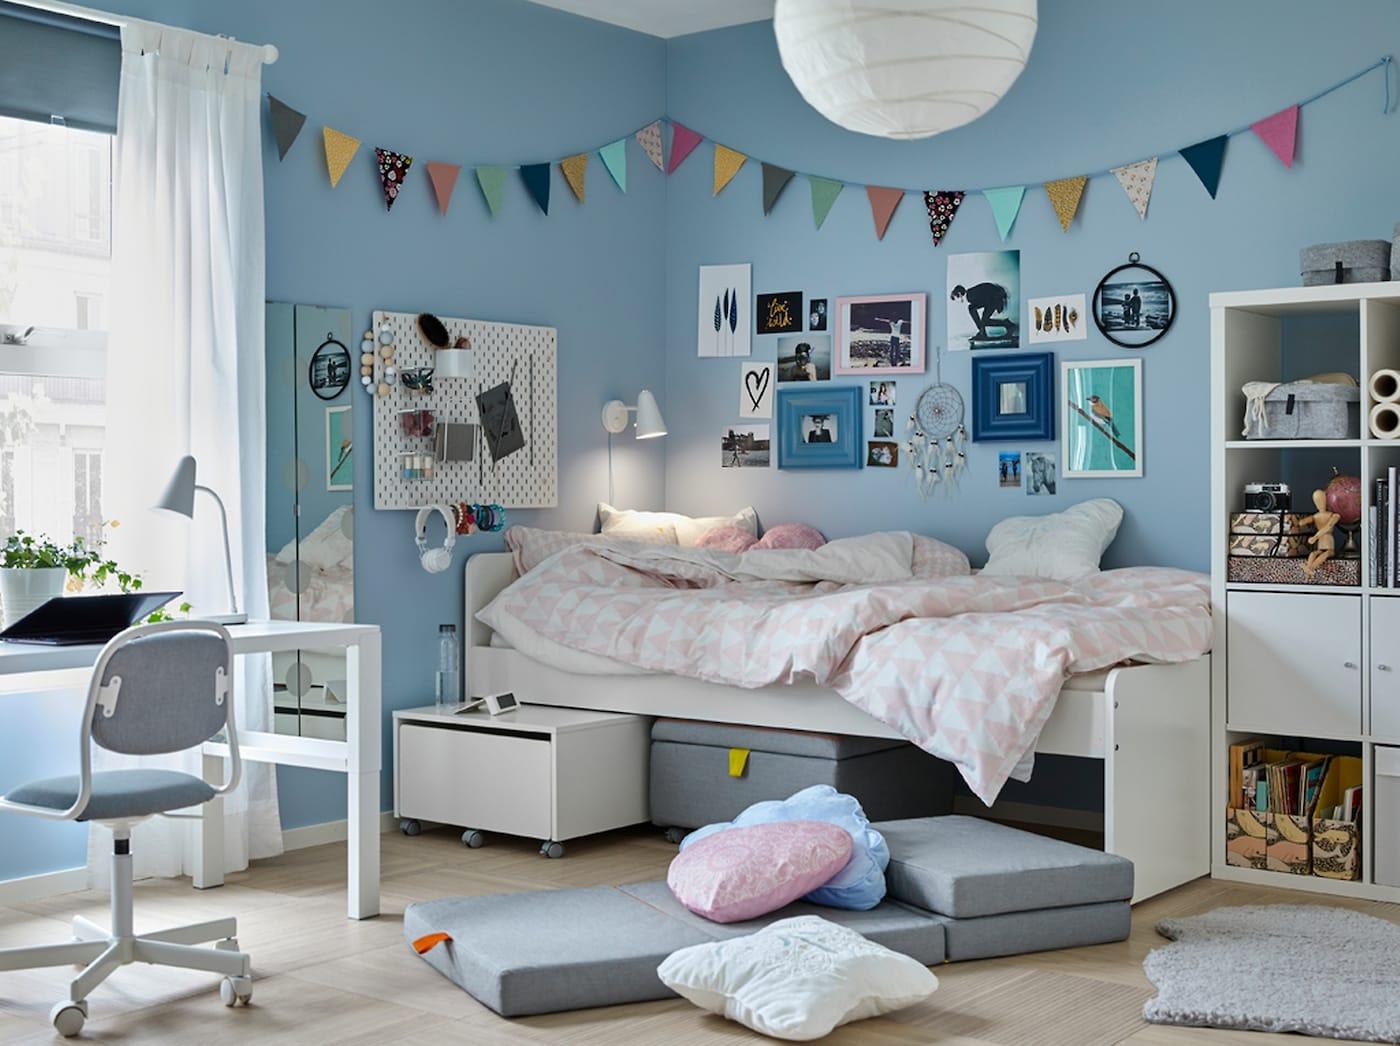 Blaues Jugendzimmer mit weißem SLÄKT Bettrahmen & SLÄKT Sitzelement mit Aufbewahrung darunter